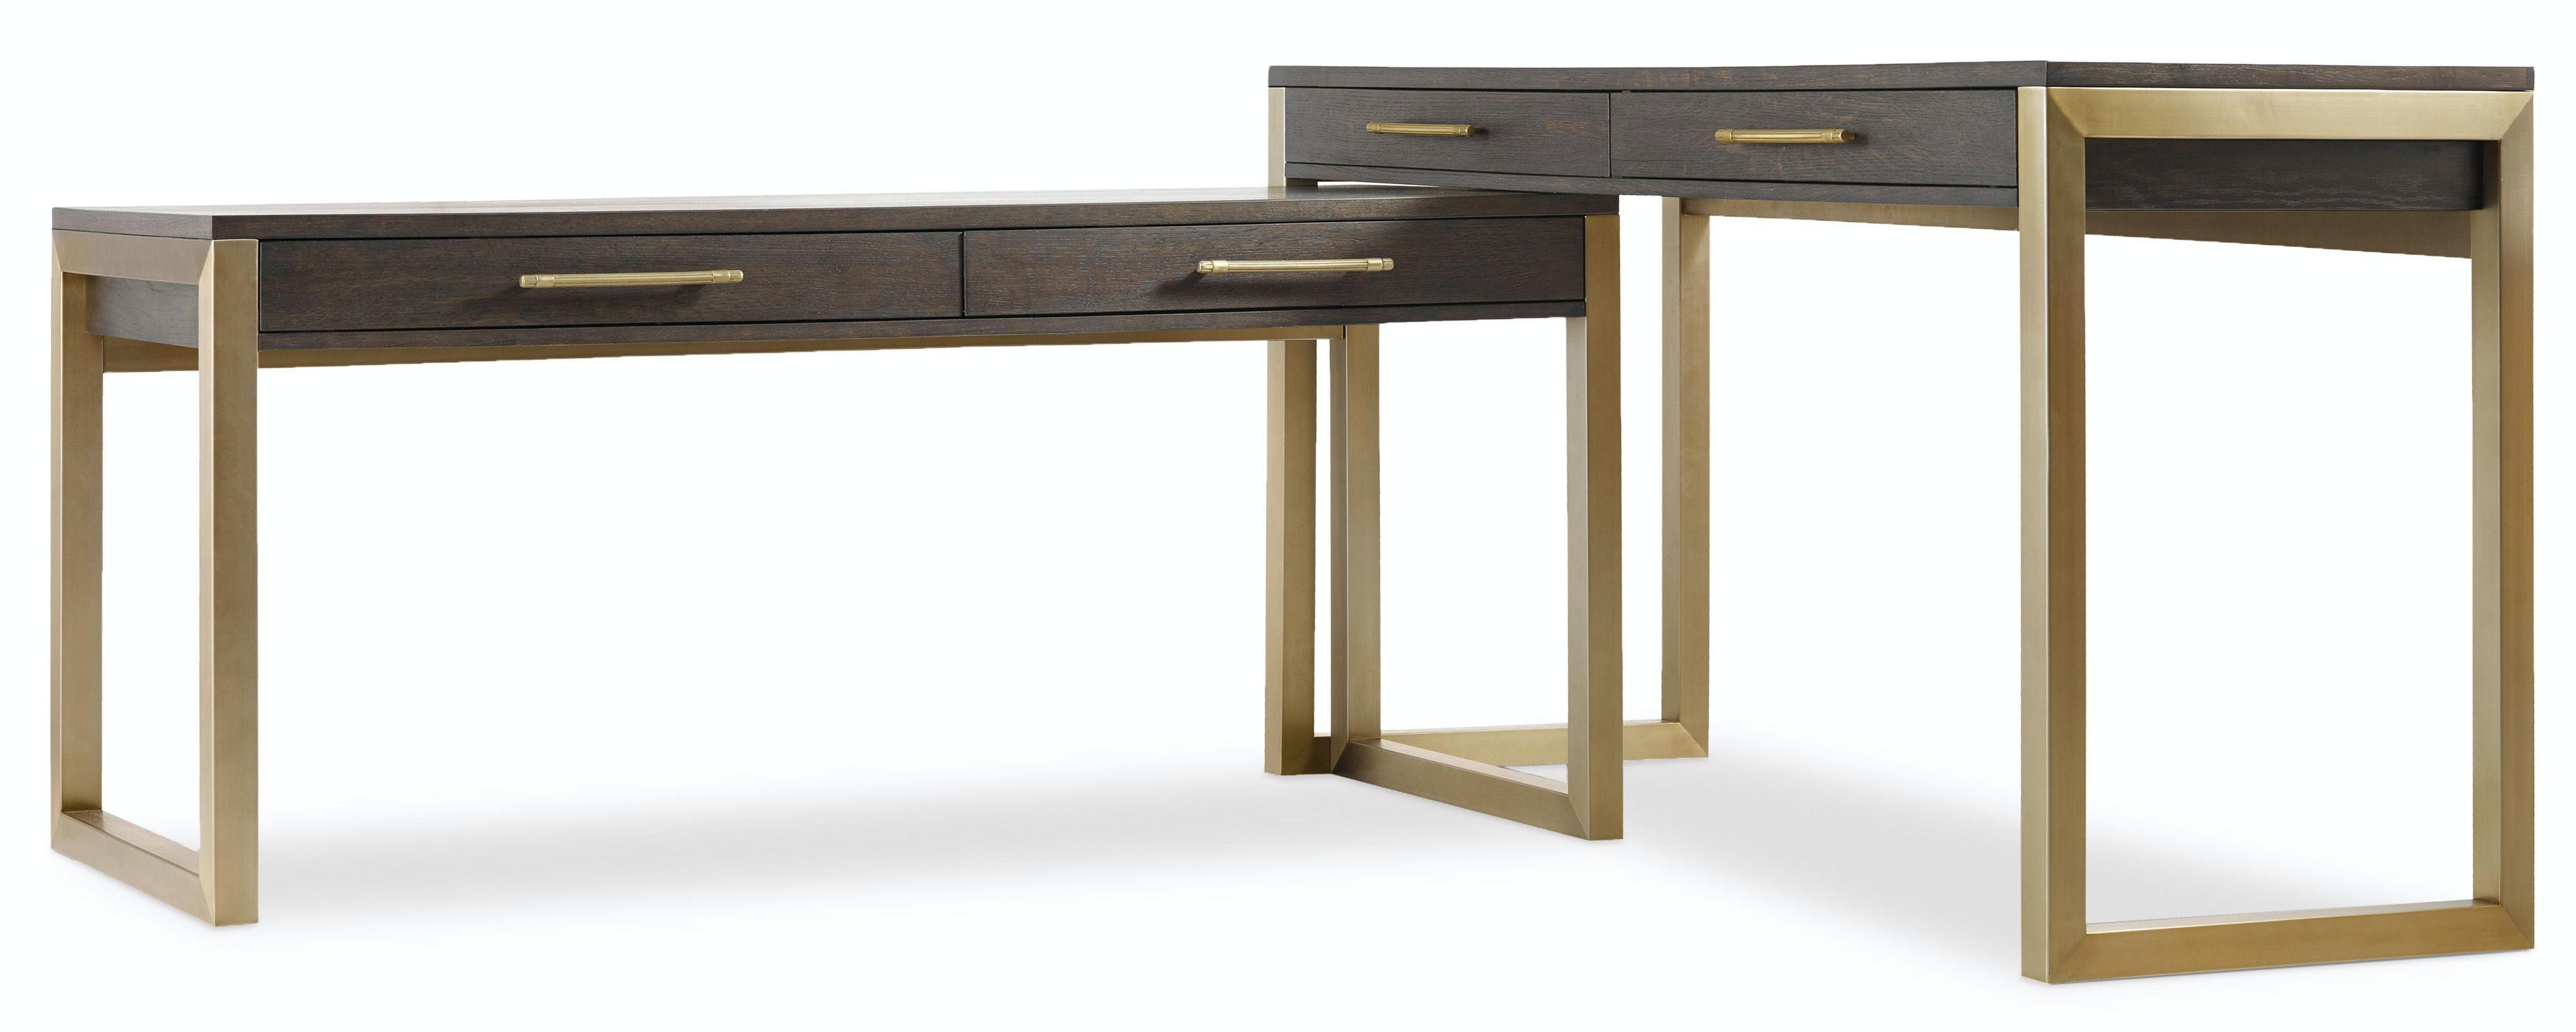 Hooker Furniture Curata 2 Pc Desk Group 1600 10453 DKW